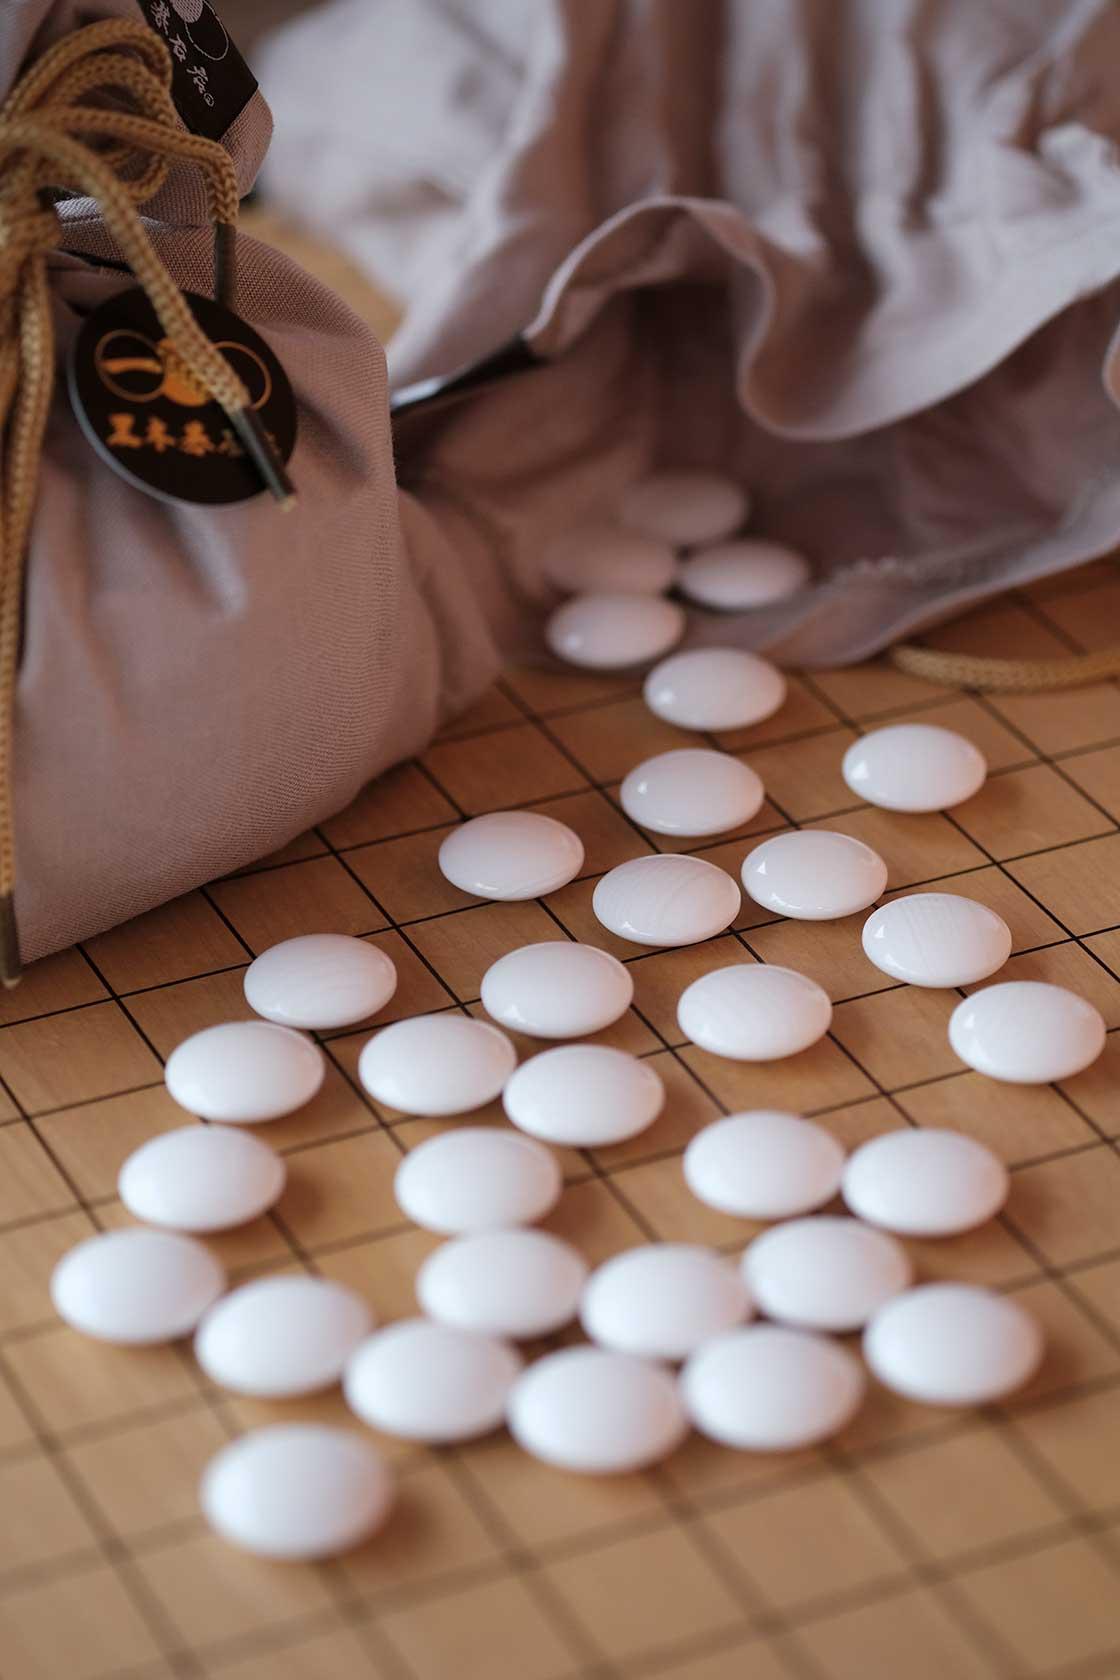 碁石を1セット揃えるのには大変な労力と時間がかかる